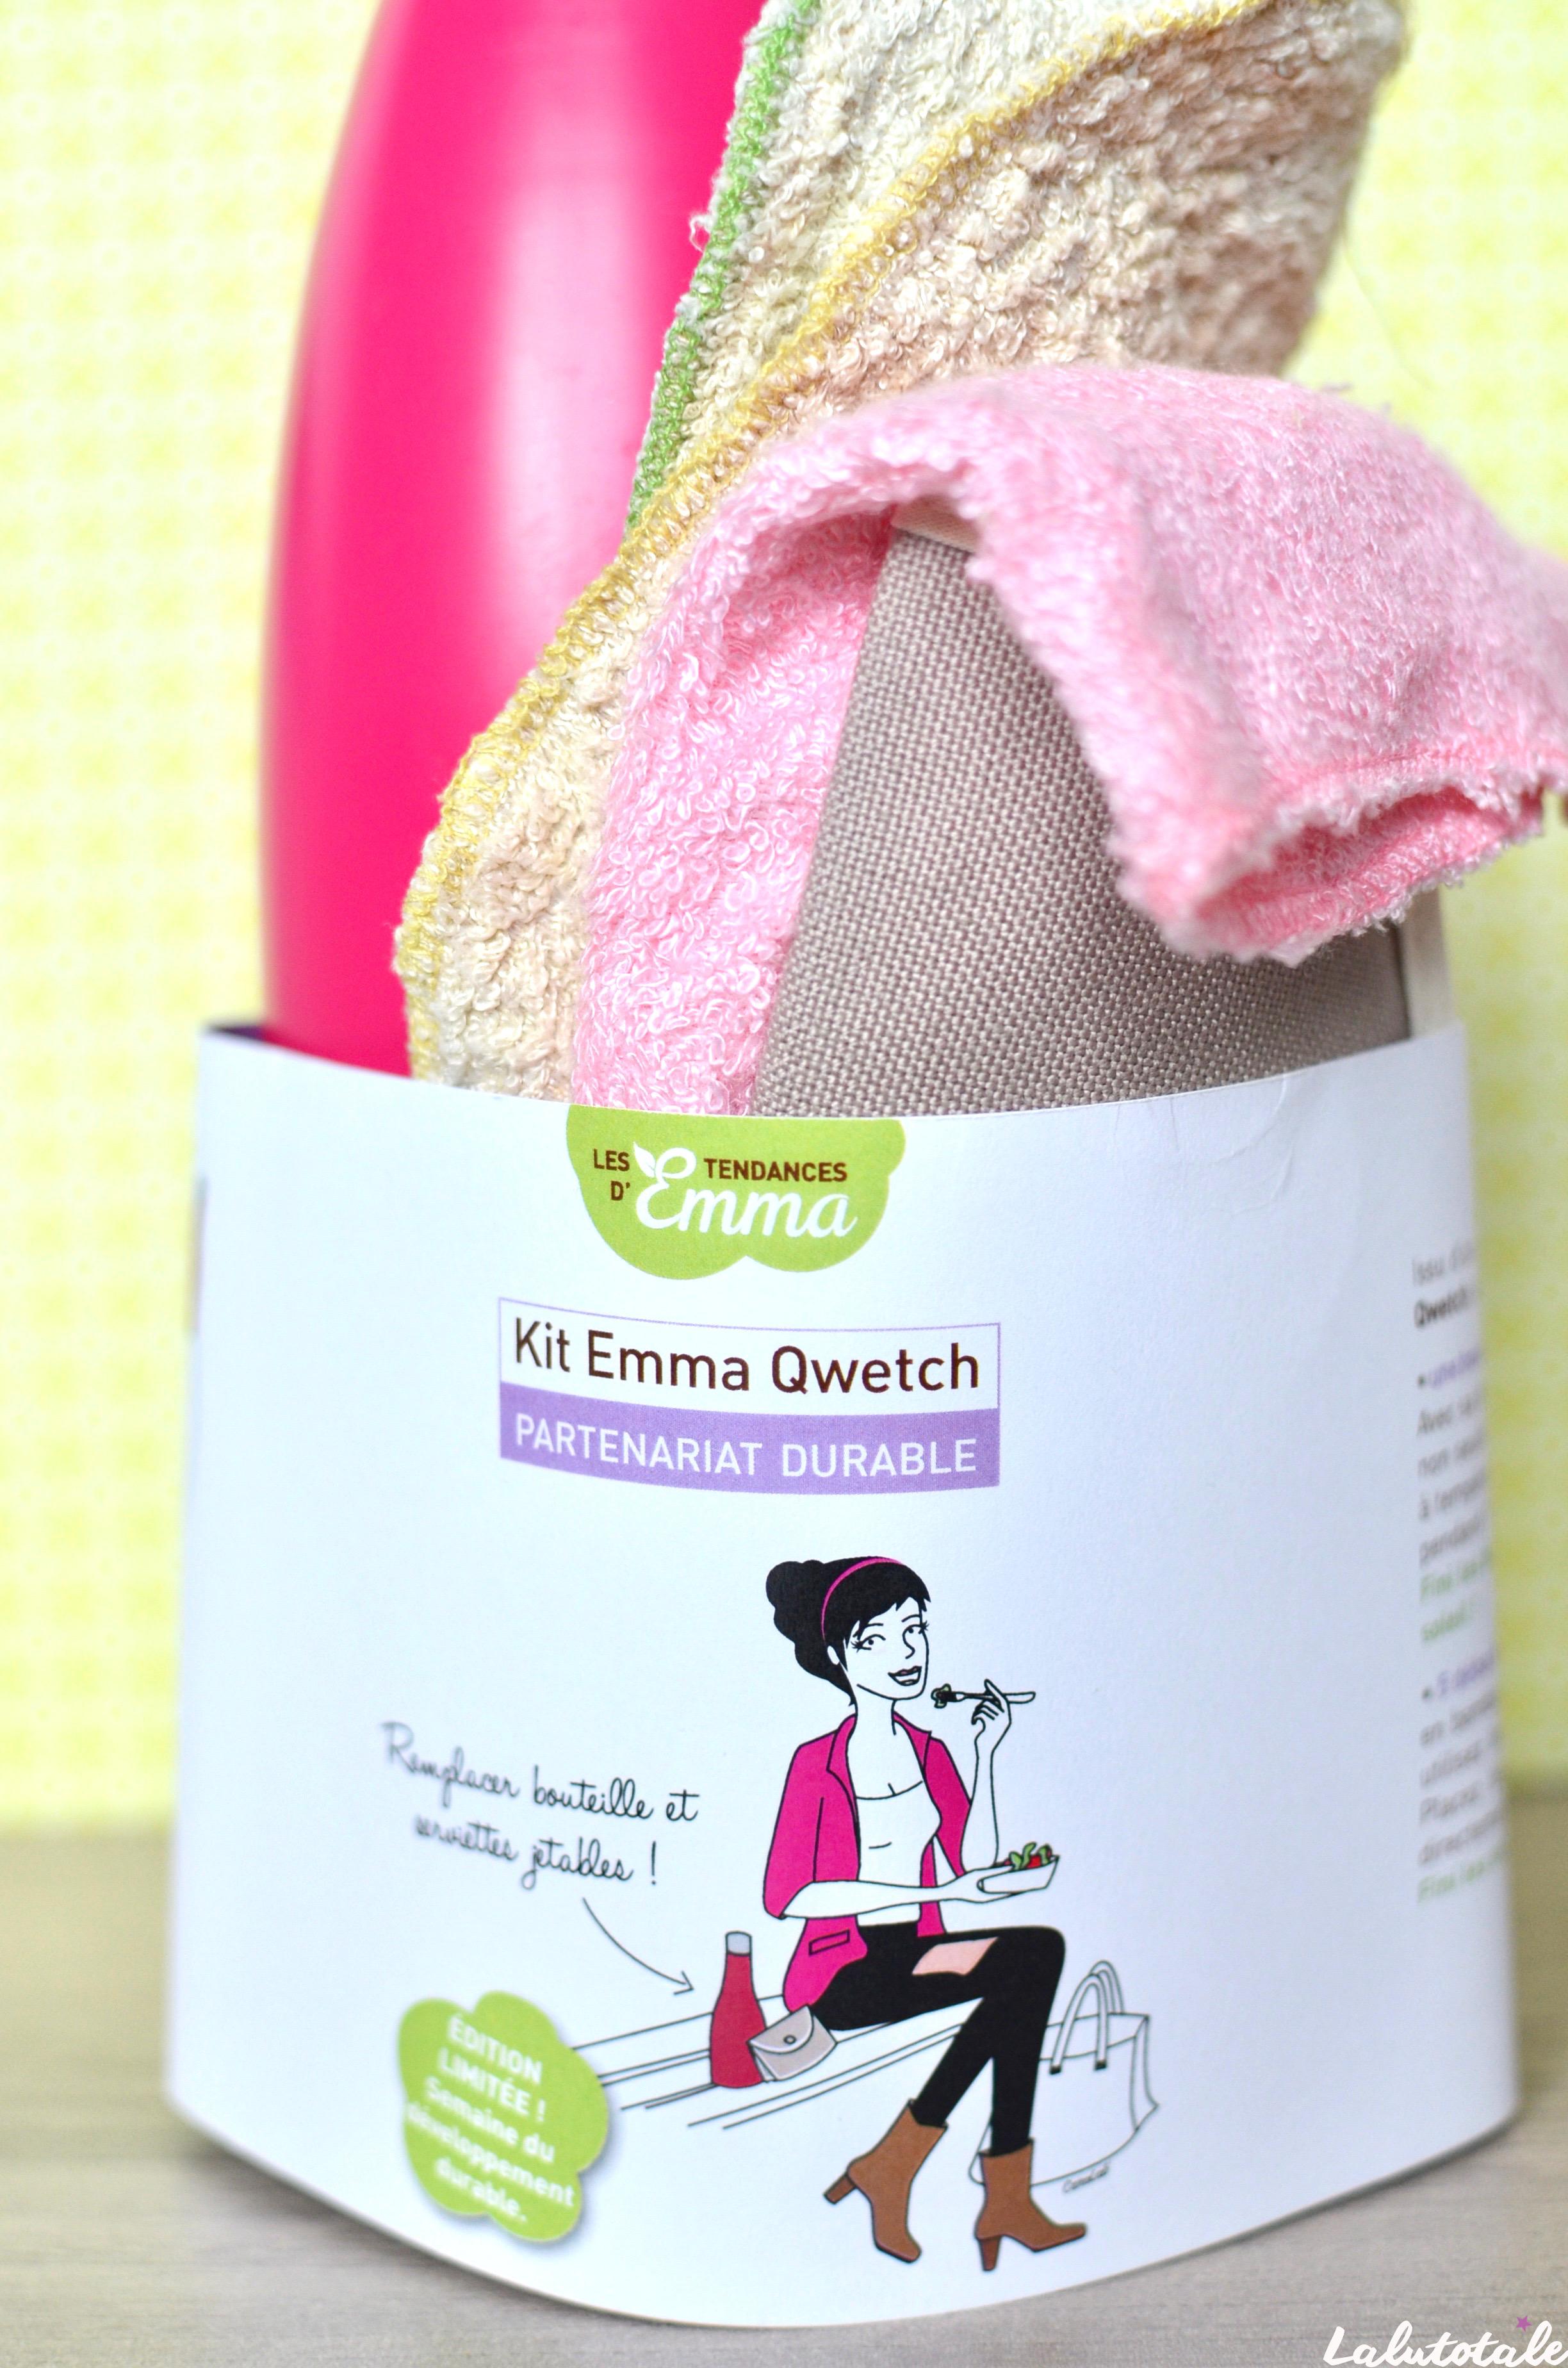 ( Les Tendances d'Emma ) Zéro déchet en vadrouille grâce à mon kit Emma Qwetch !